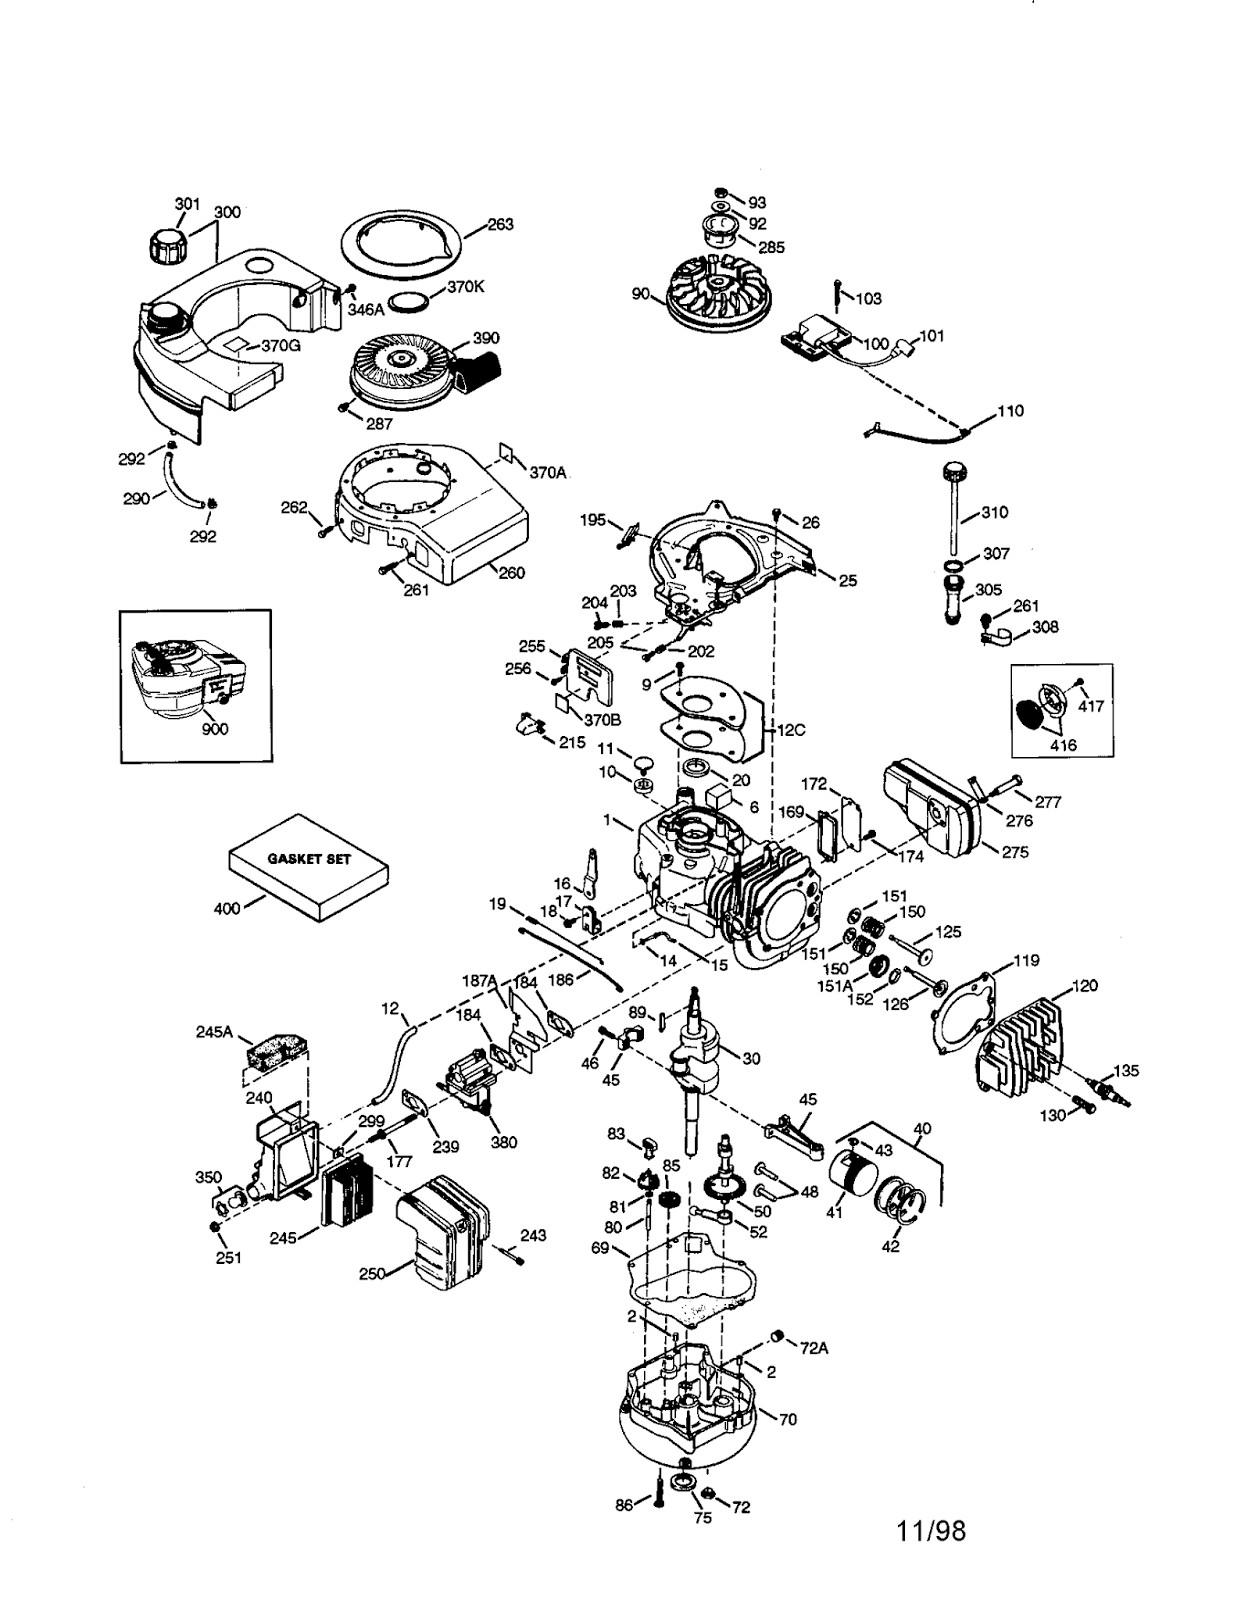 Honda Gx390 Parts Diagram Free Service Repair Manual Tecumseh Engine Parts Diagram Of Honda Gx390 Parts Diagram